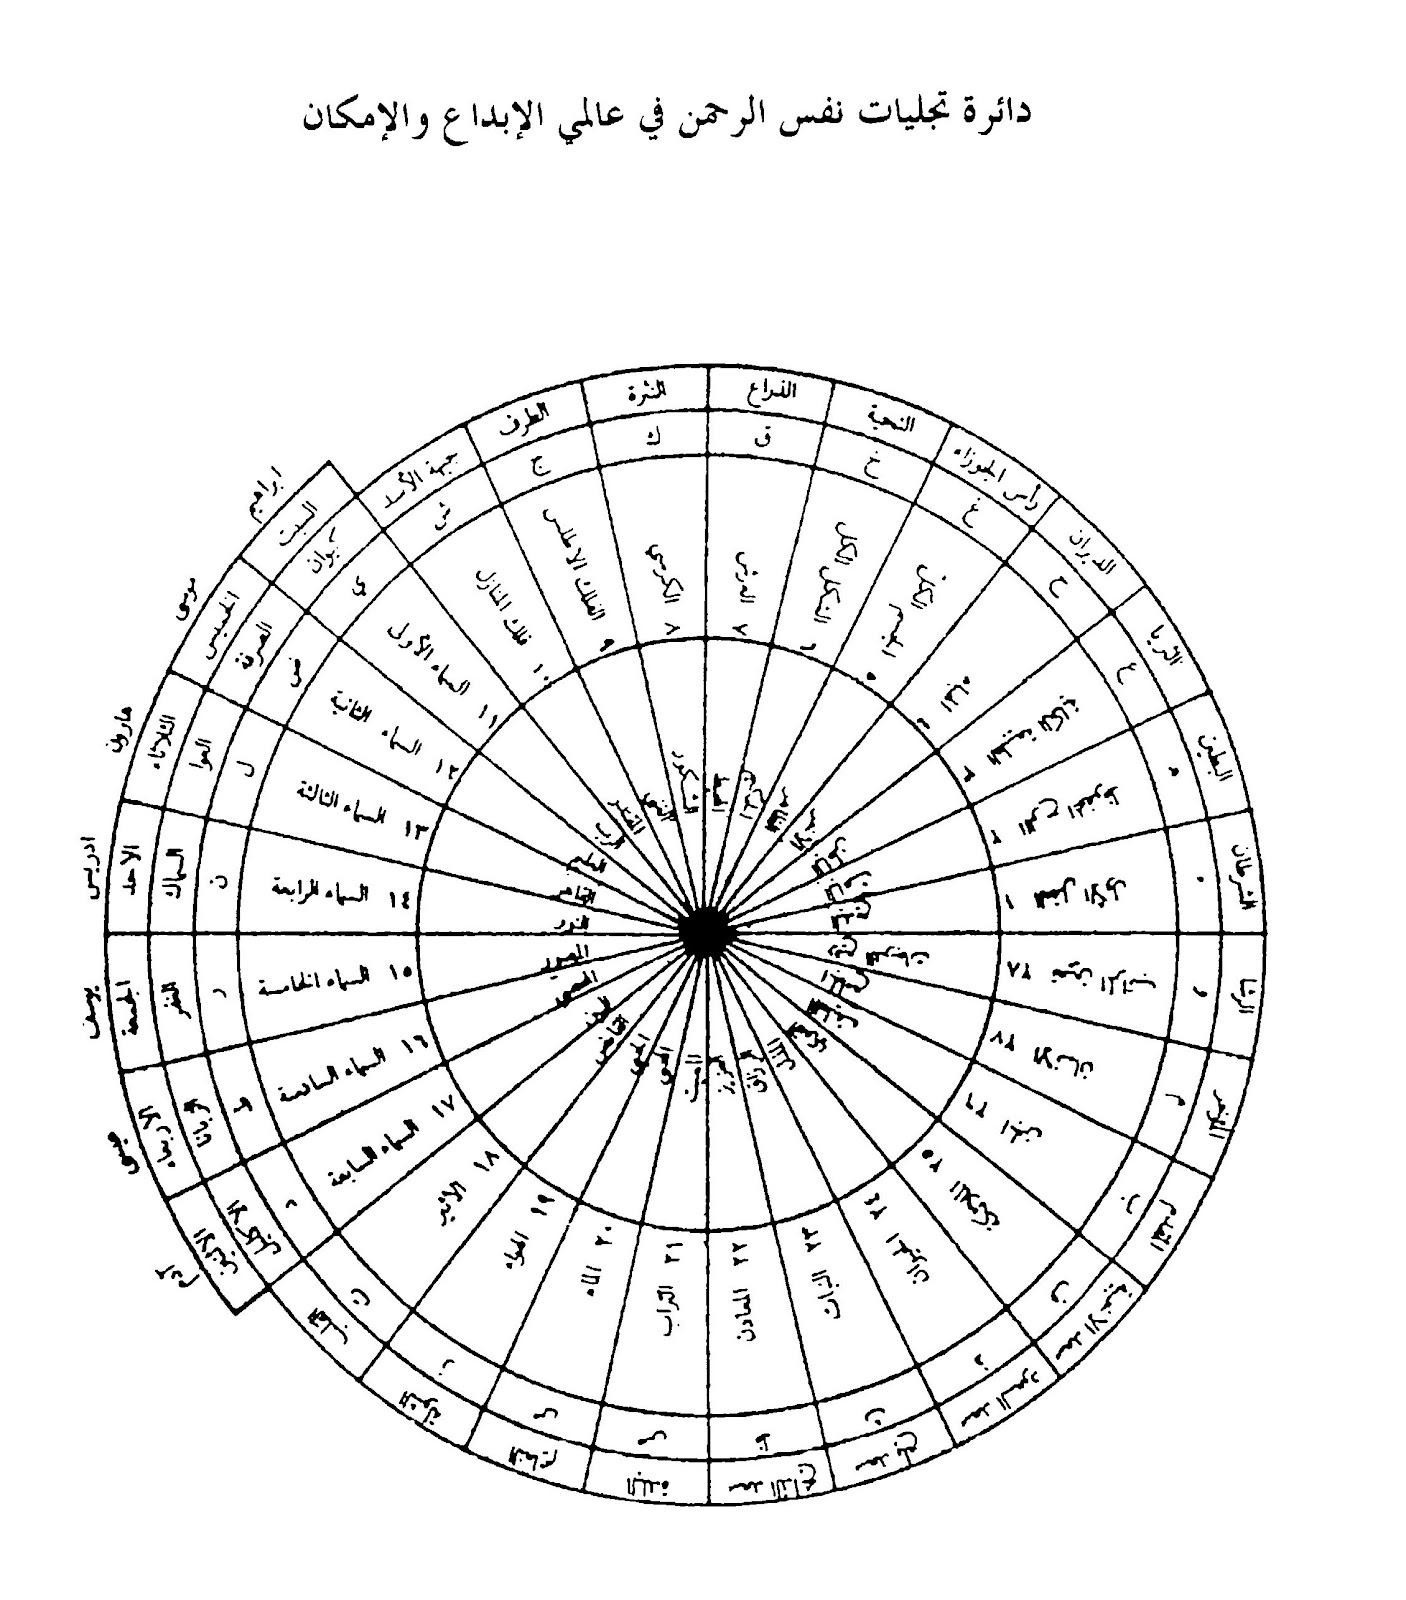 خطبة الشارح لكتاب التجليات الإلهية الشيخ الأكبر محيي الدين ابن العربي رضي الله مع تعليقات ابن سودكين  XALUy88LNBx_z_QcGcp0QoQ9Rgk8j40tPesynq4bkN5r-CU1AkR5fLJpTiAv9QaO5_59JOYC4exzuAABMqdUrtFdiCD7aD-SugH9y0qgkMrwDqRUQ5Jj-Jn-l_OvwXQxh4YrO9Xz